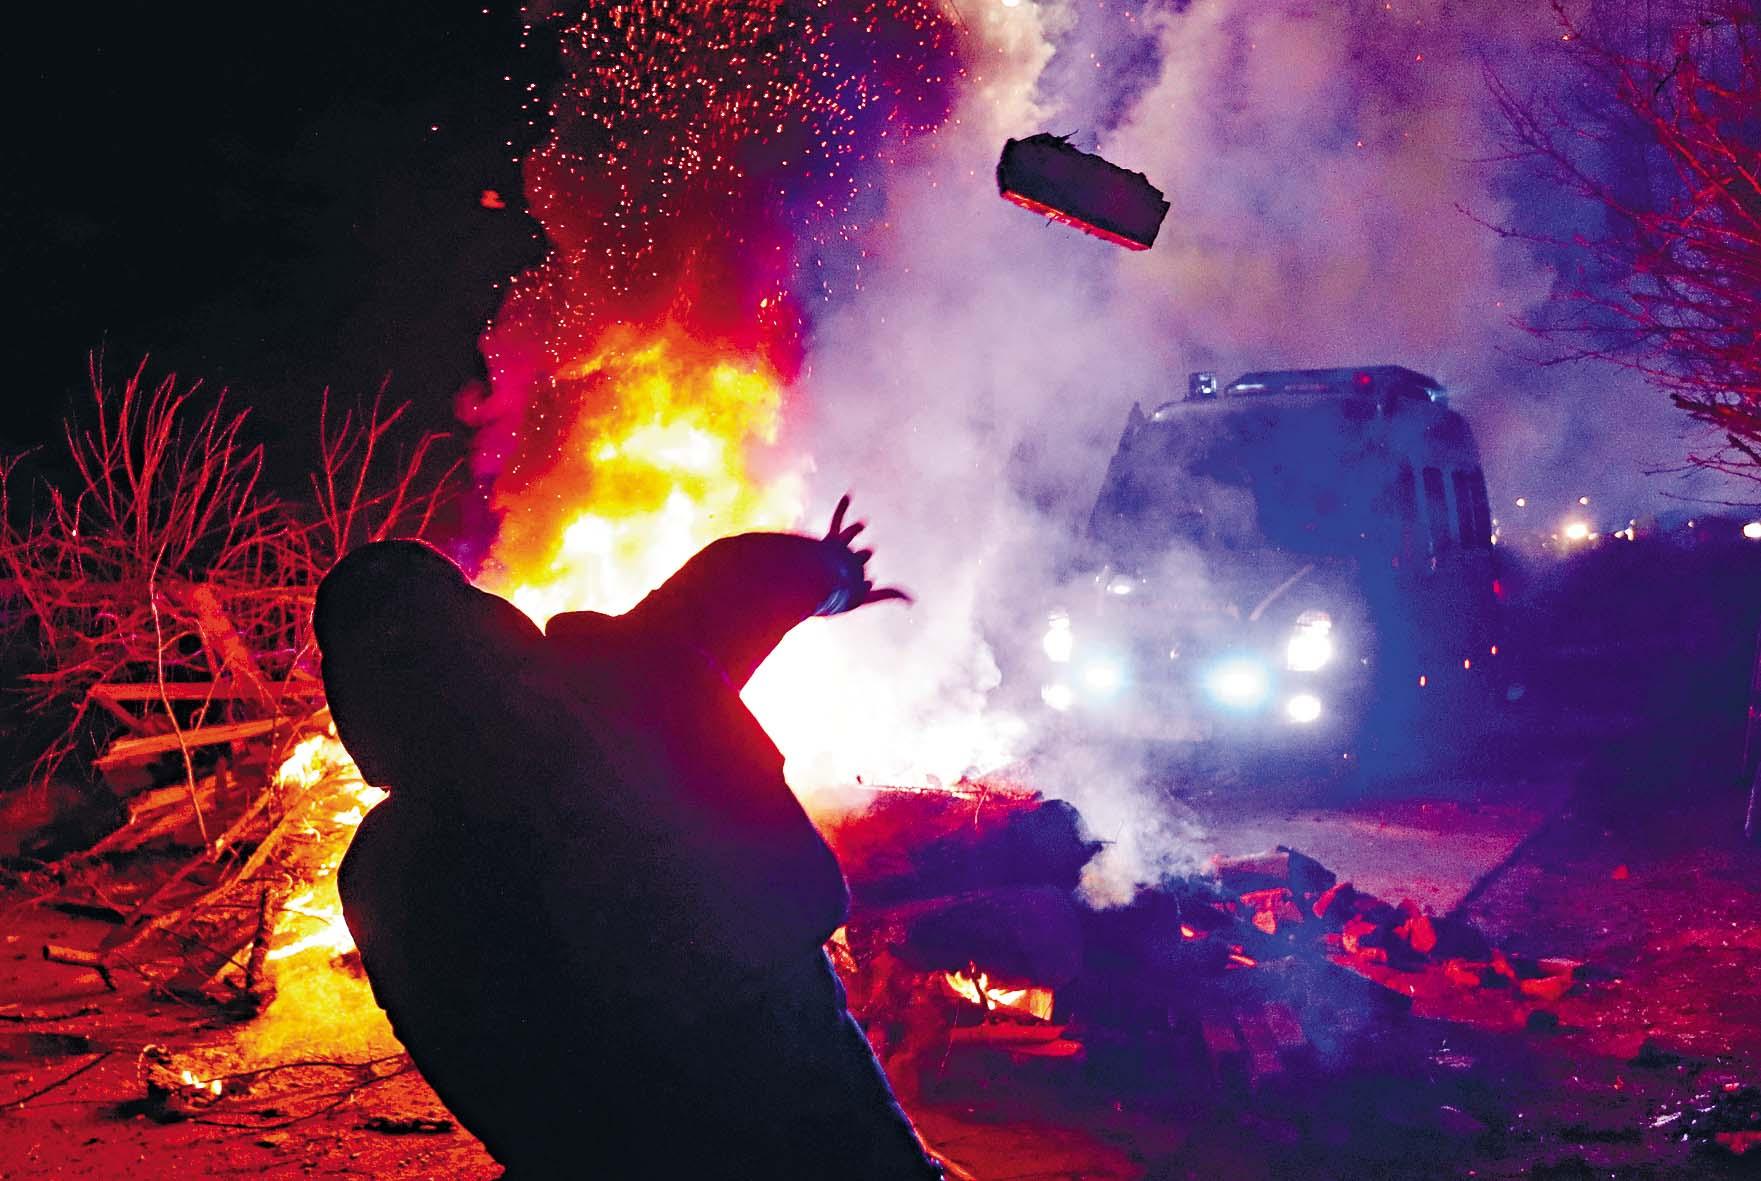 新桑扎里鎮一名示威者周四 向警車擲石,抗議該鎮醫院被 闢作隔離設施。  路透社